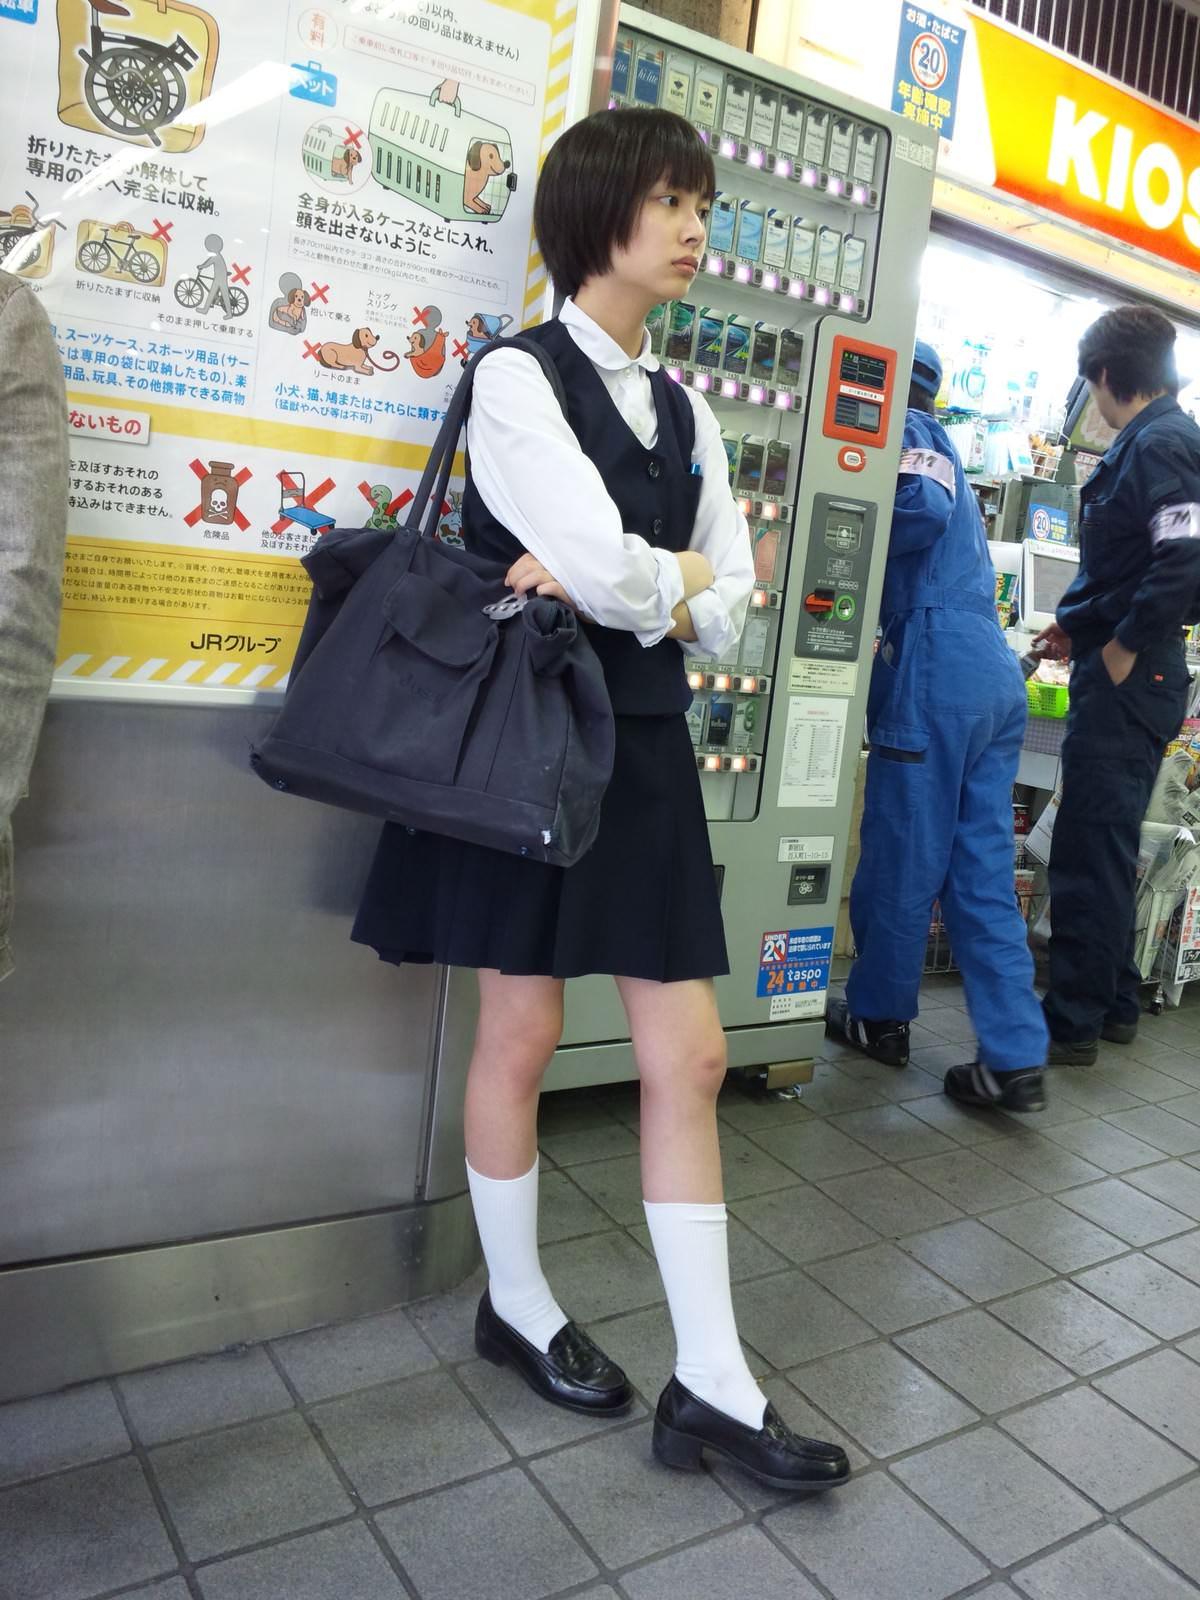 電車にエチエチな制服JKいるけどハレンチすぎない?????? 8Jf4pDU